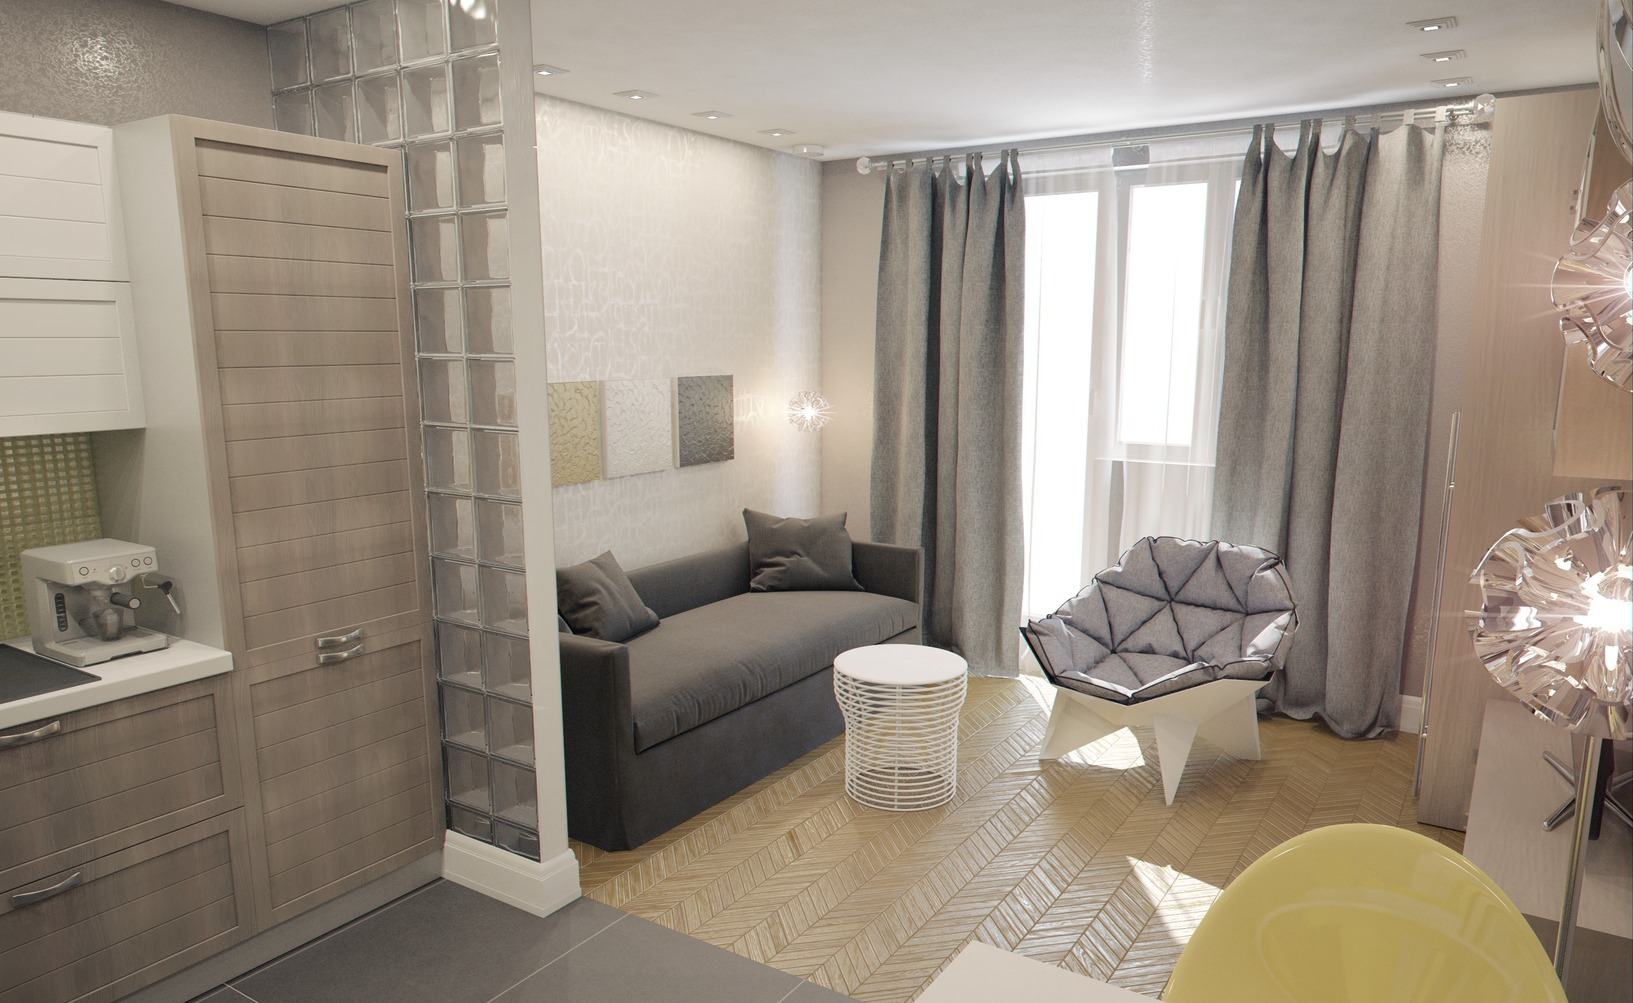 Комната студия 20 кв м дизайн